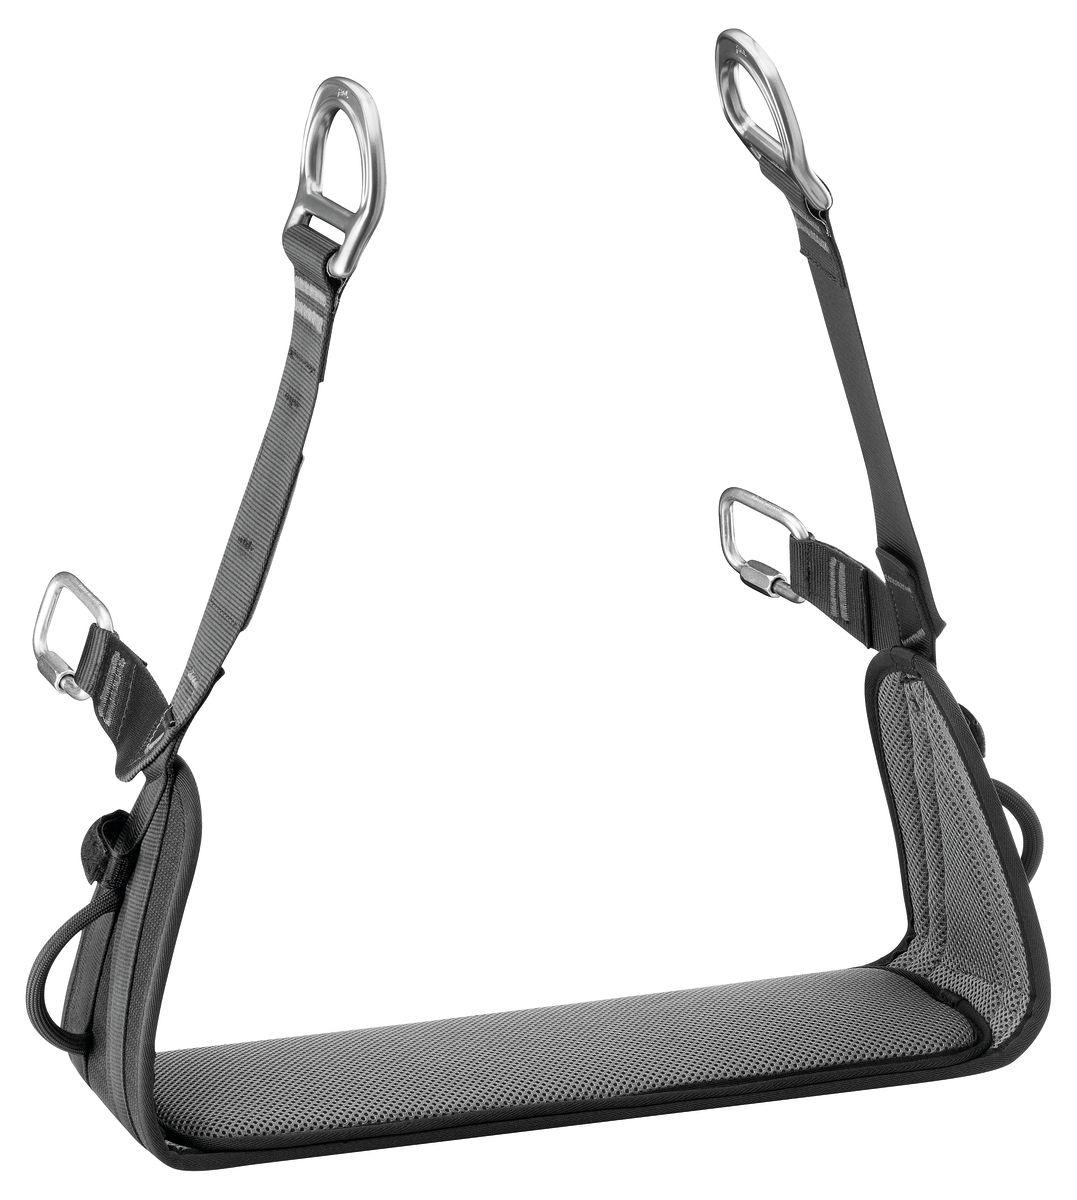 Petzl Seat for VOLT Harnesses